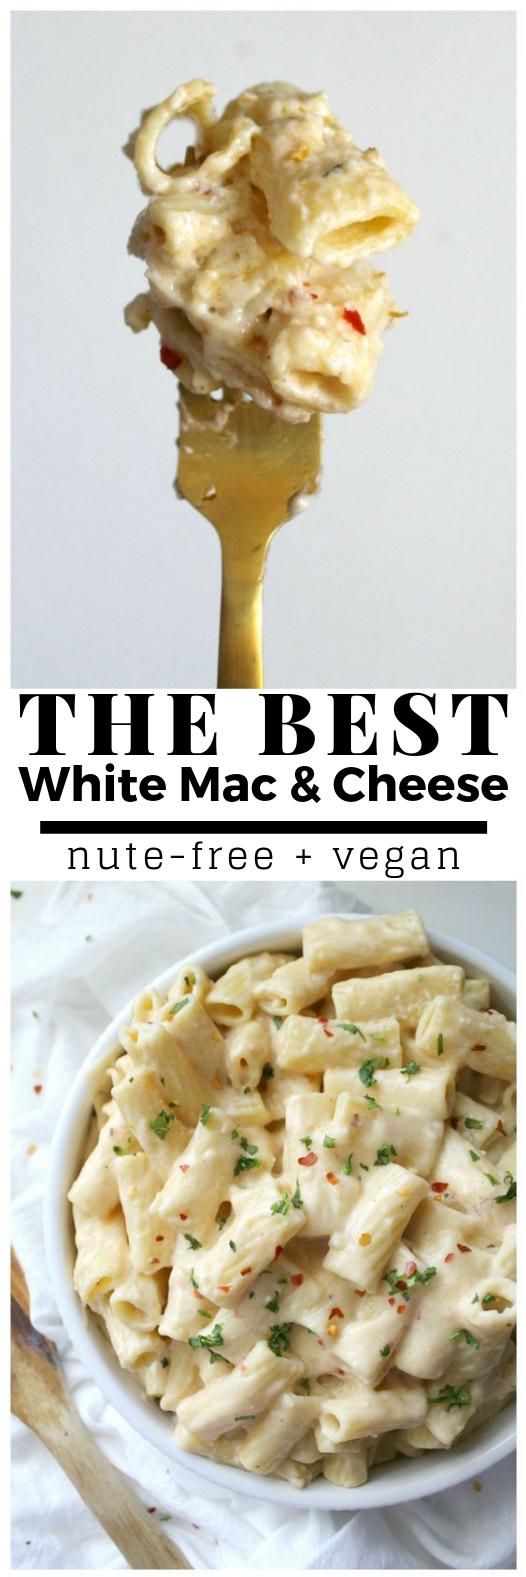 BEST VEGAN WHITE MAC AND CHEESE #Vegan #HealthyFood